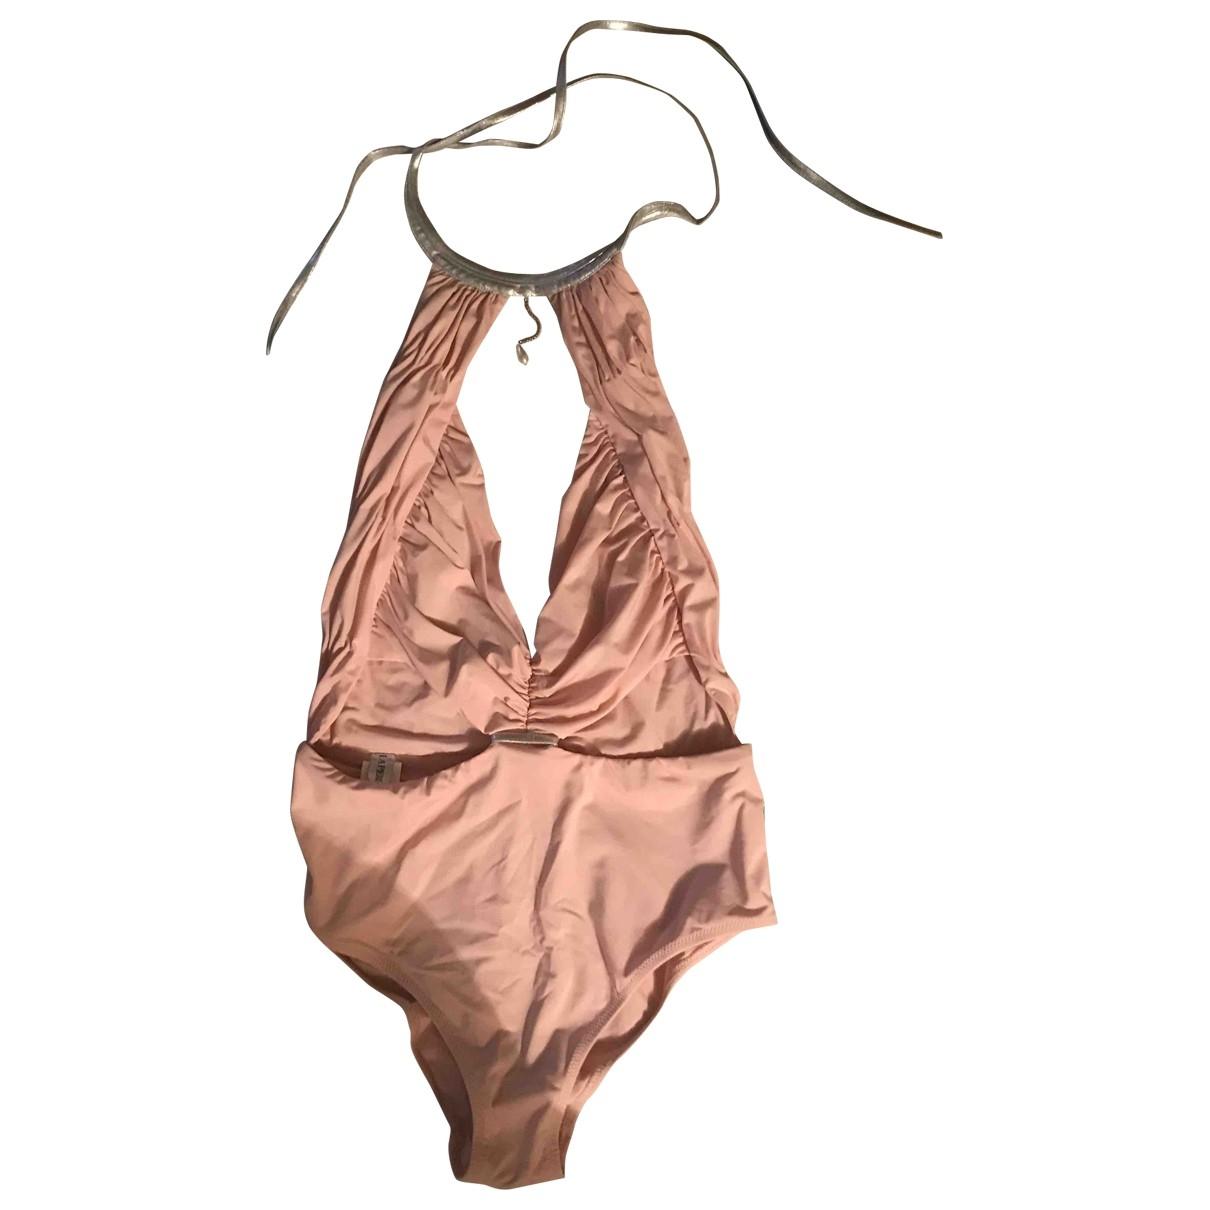 La Perla \N Pink Swimwear for Women S International